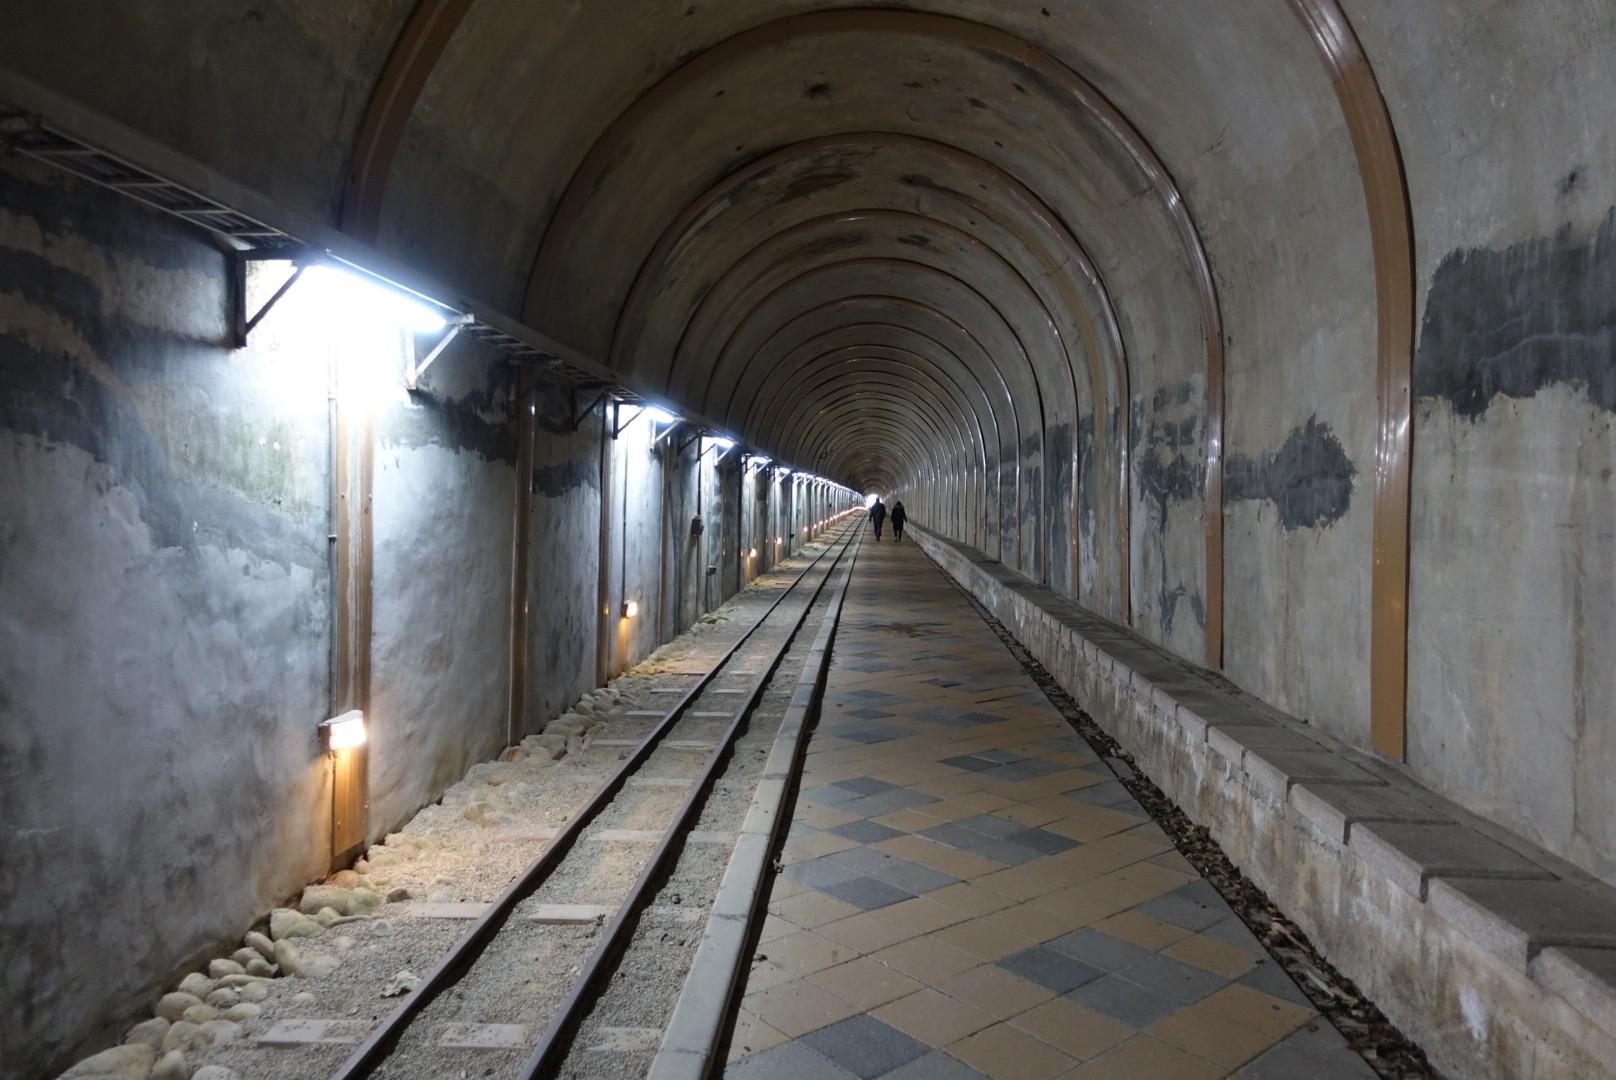 【桃園大溪】舊百吉隧道|走在日治時期的舊隧道中,緬懷過往的時光與光景|免費景點